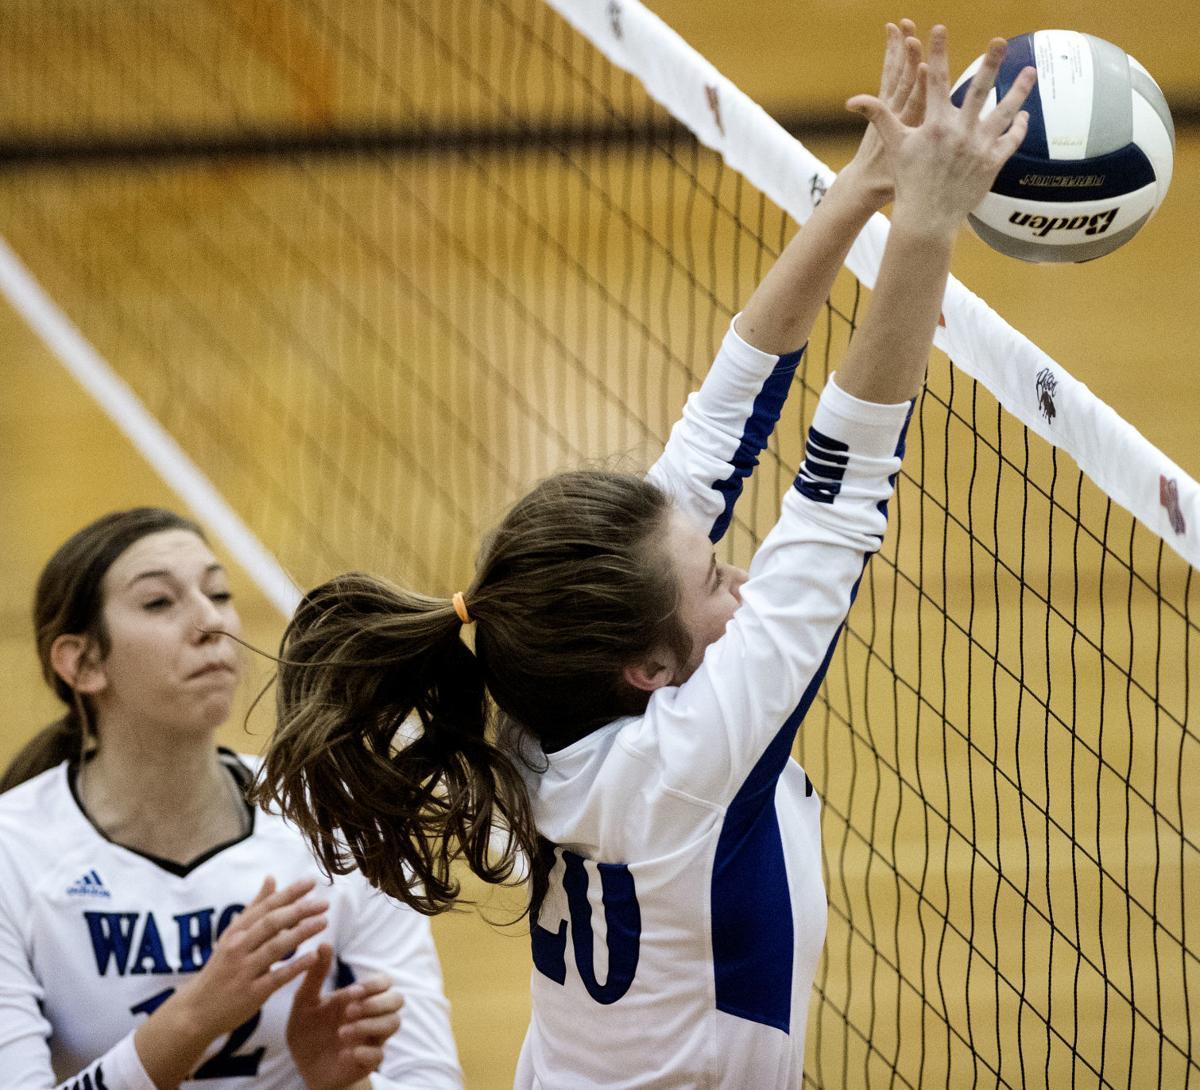 Wayne vs. Wahoo, 11.8.18